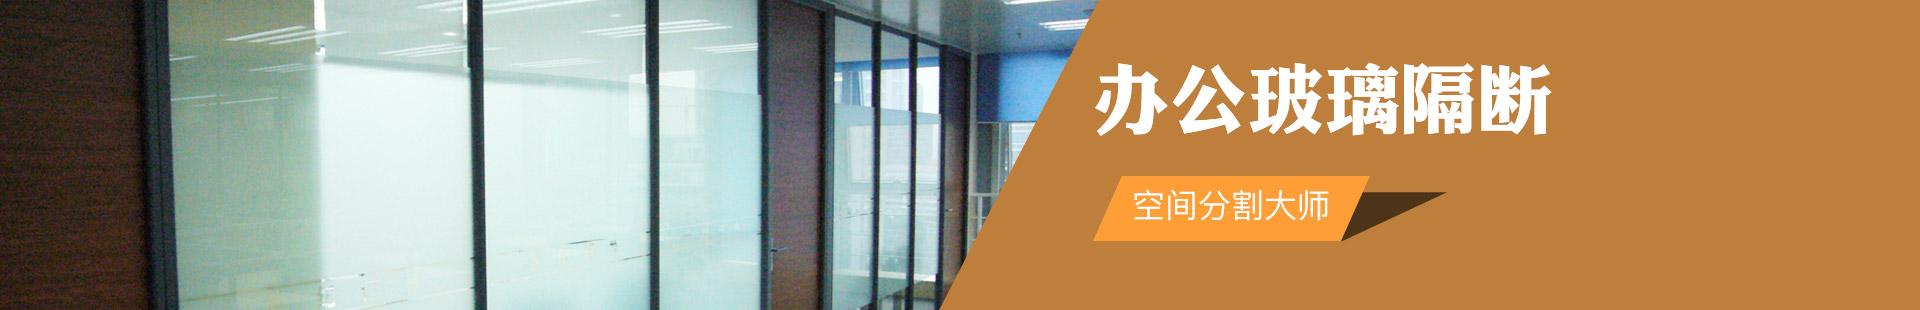 重庆办公室隔断